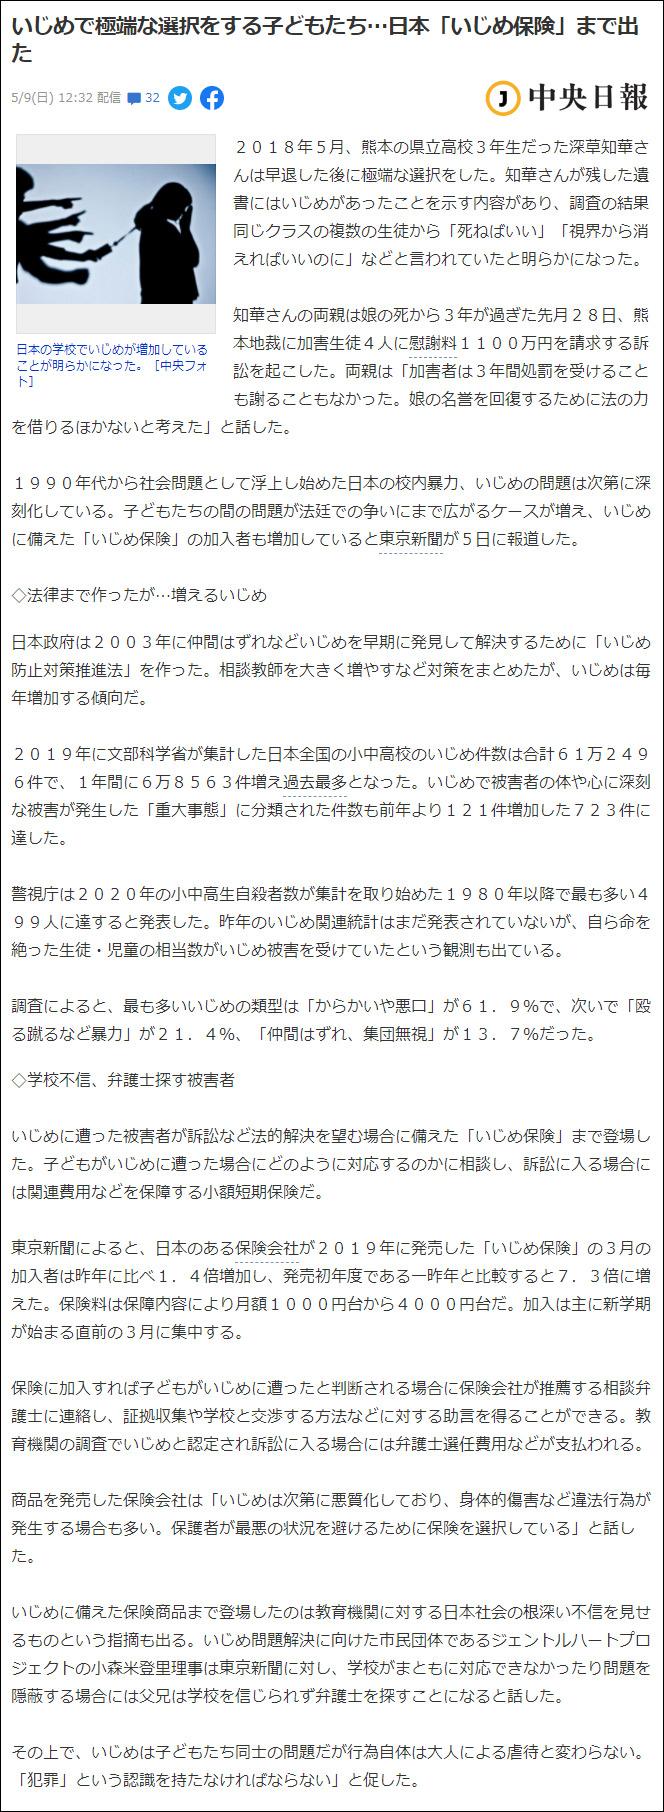 小森美登里:Yahoo!ニュース掲載「いじめで極端な選択をする子どもたち…日本『いじめ保険』まで出た」